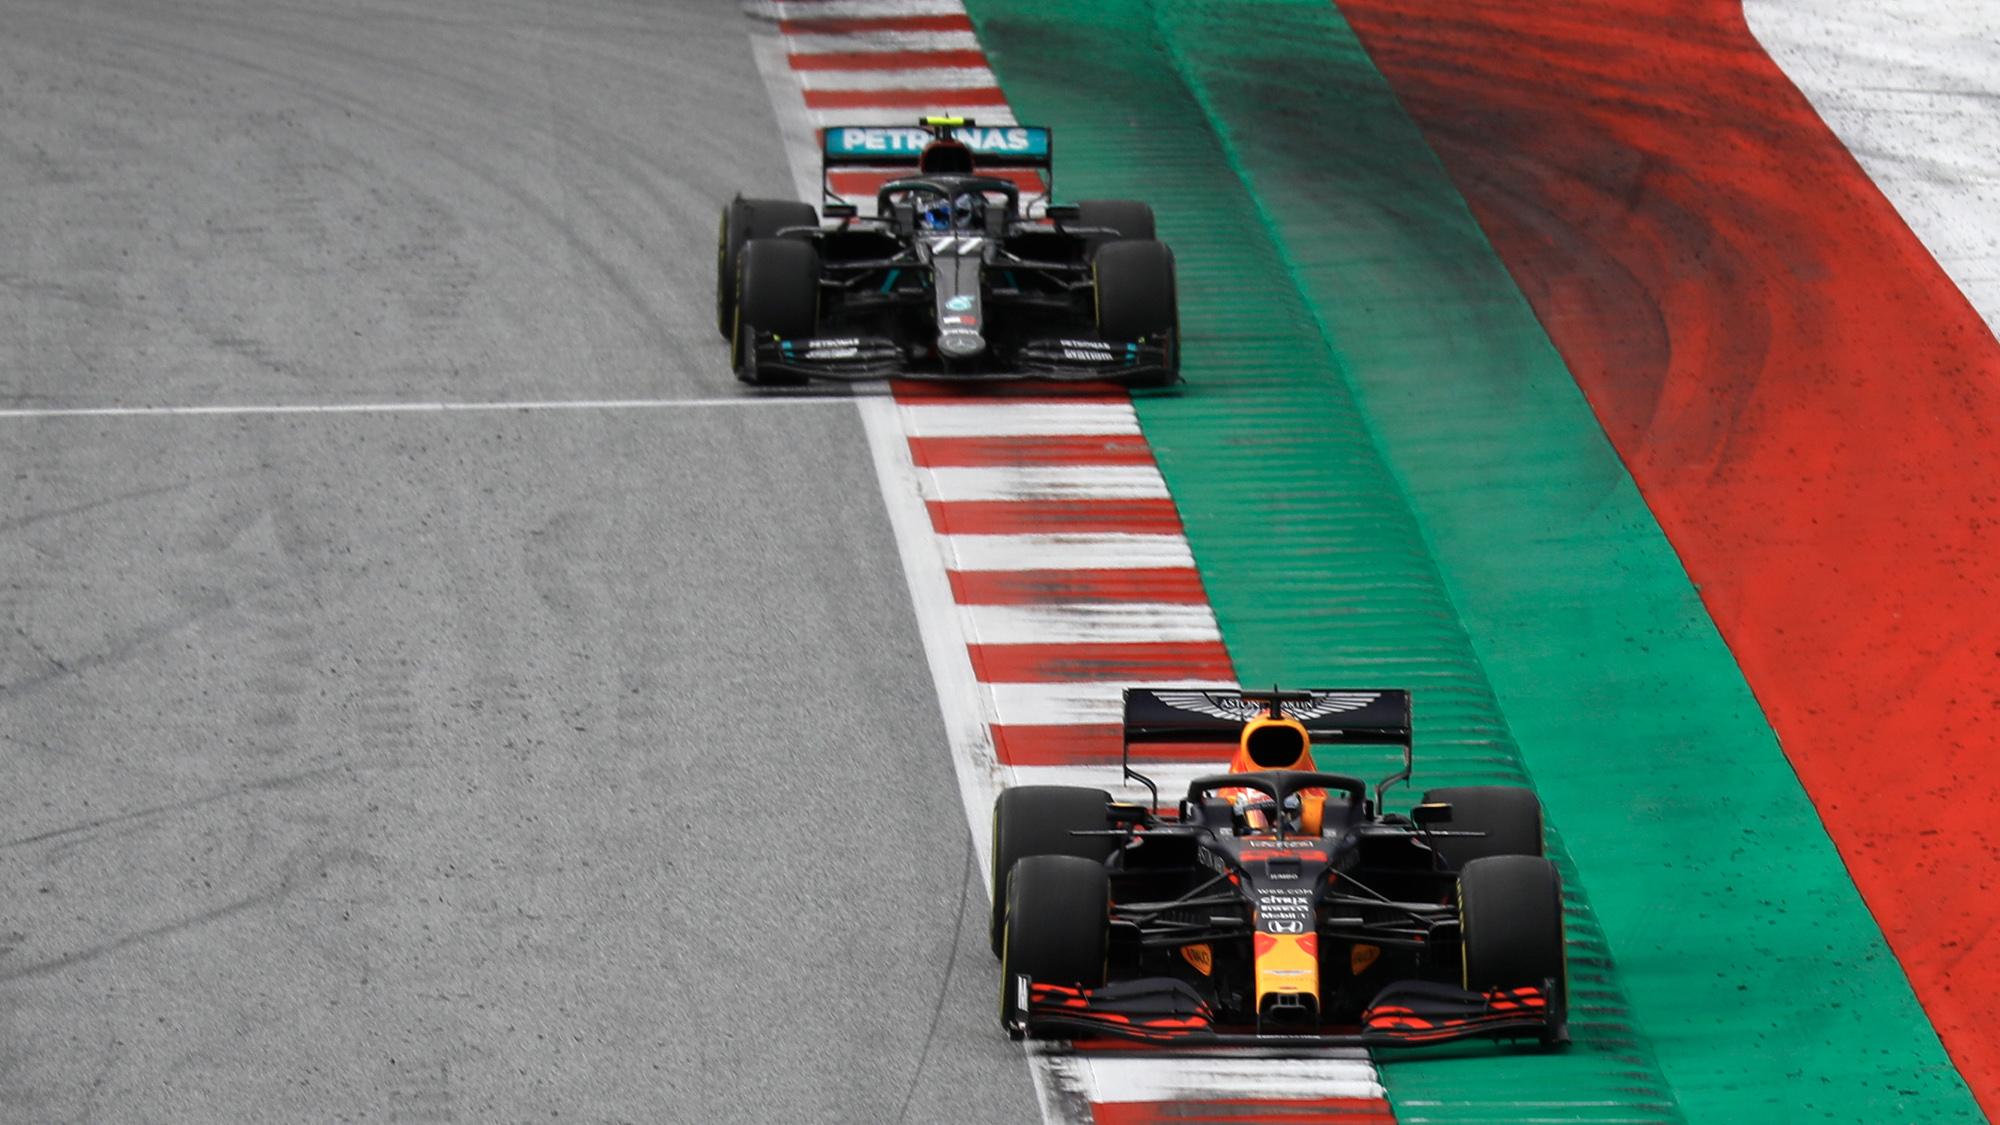 Valtteri Bottas follows Max Verstappen in the 2020 f1 Styrian Grand Prix